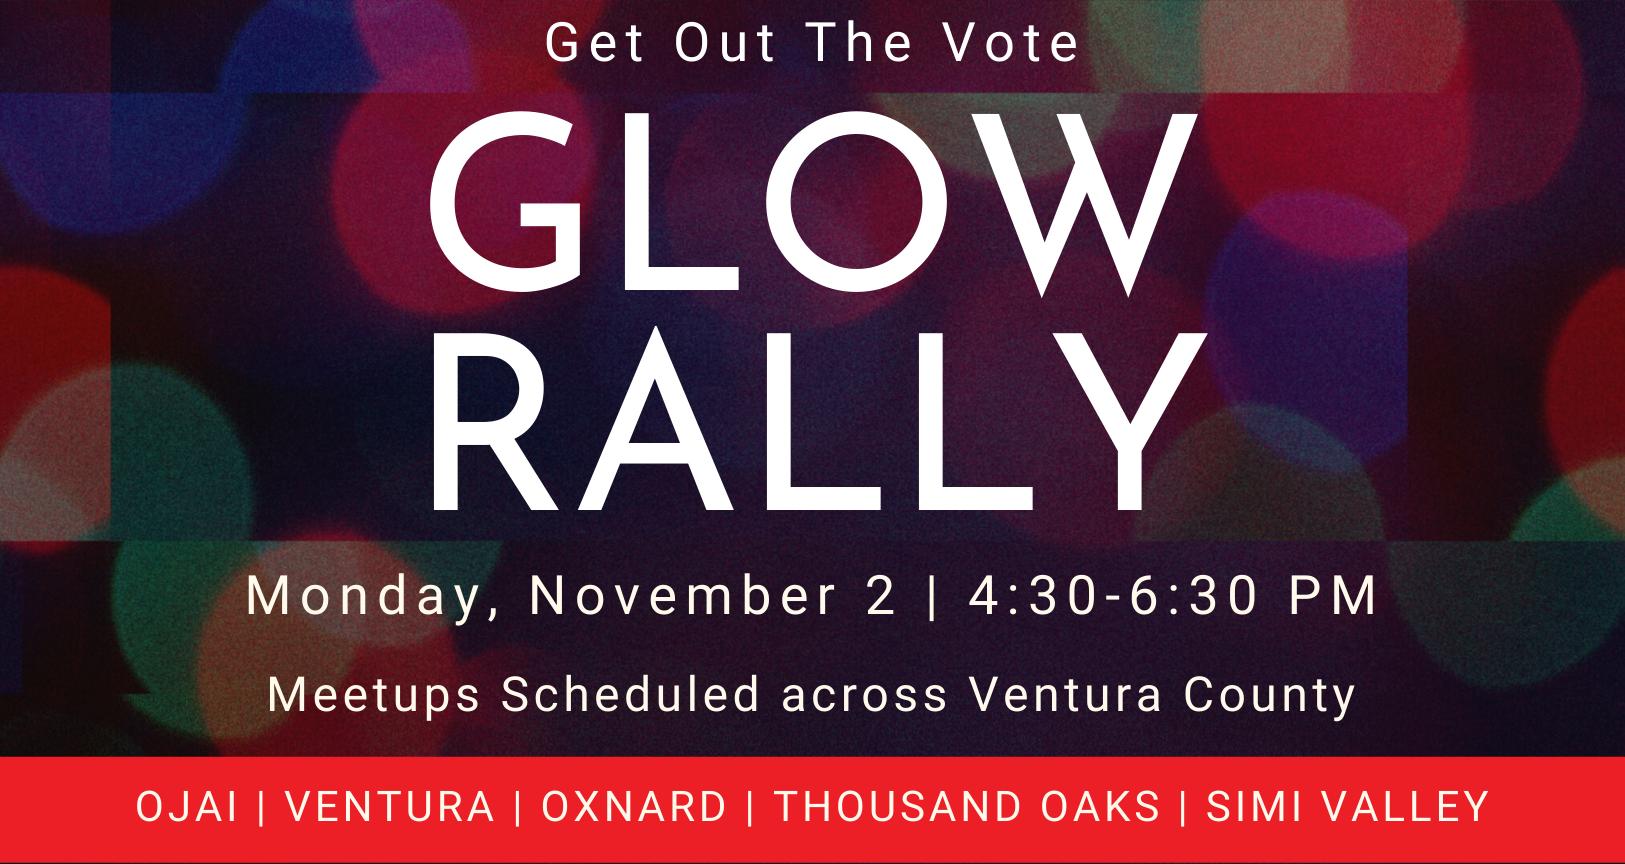 GOTV Glow Rally